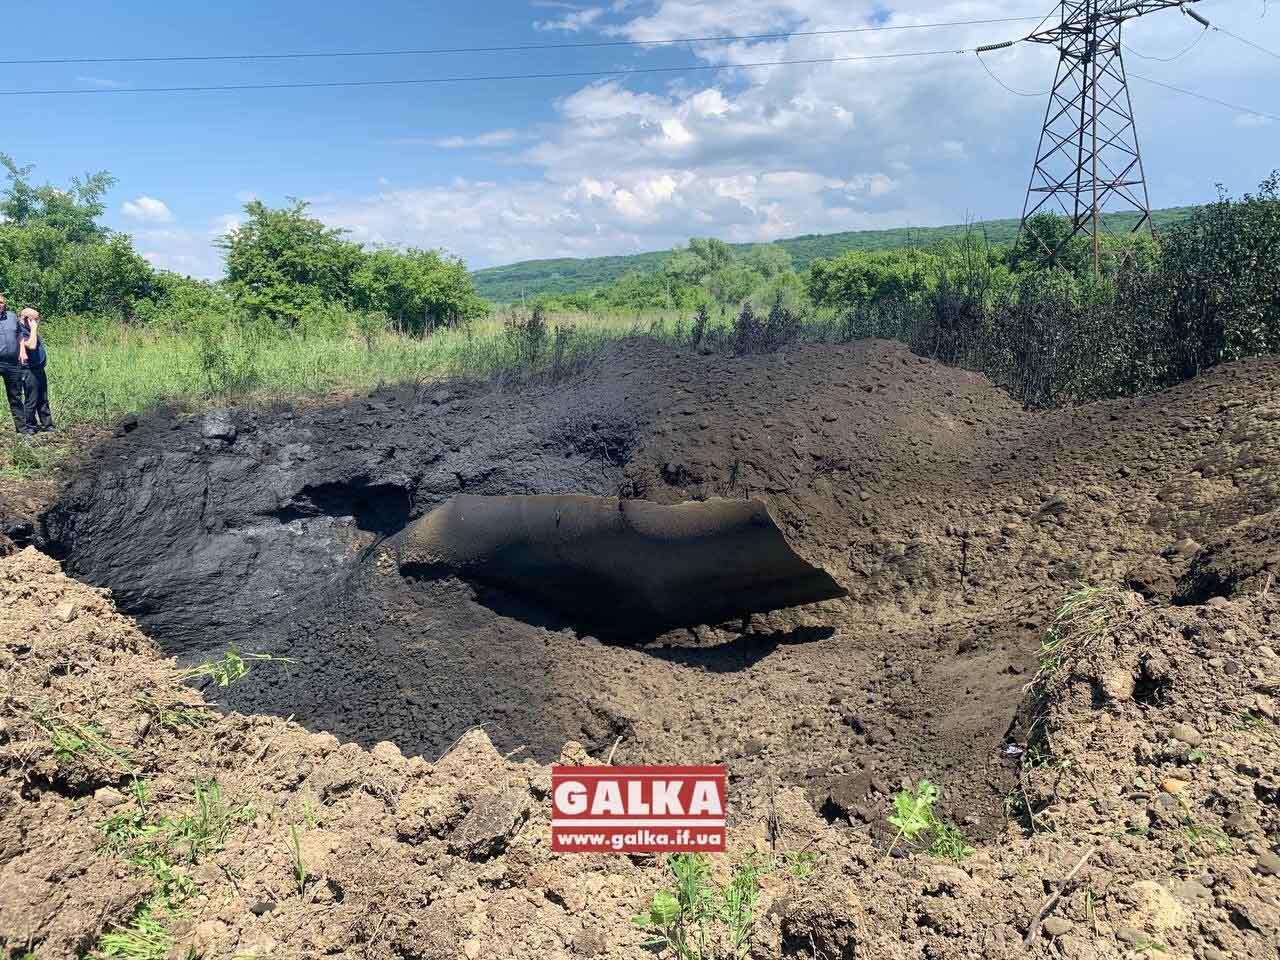 Ми повинні консолідуватись, щоб подібні випадки не повторювалися, – голова ОДА про аварію газопроводу поблизу Франківська